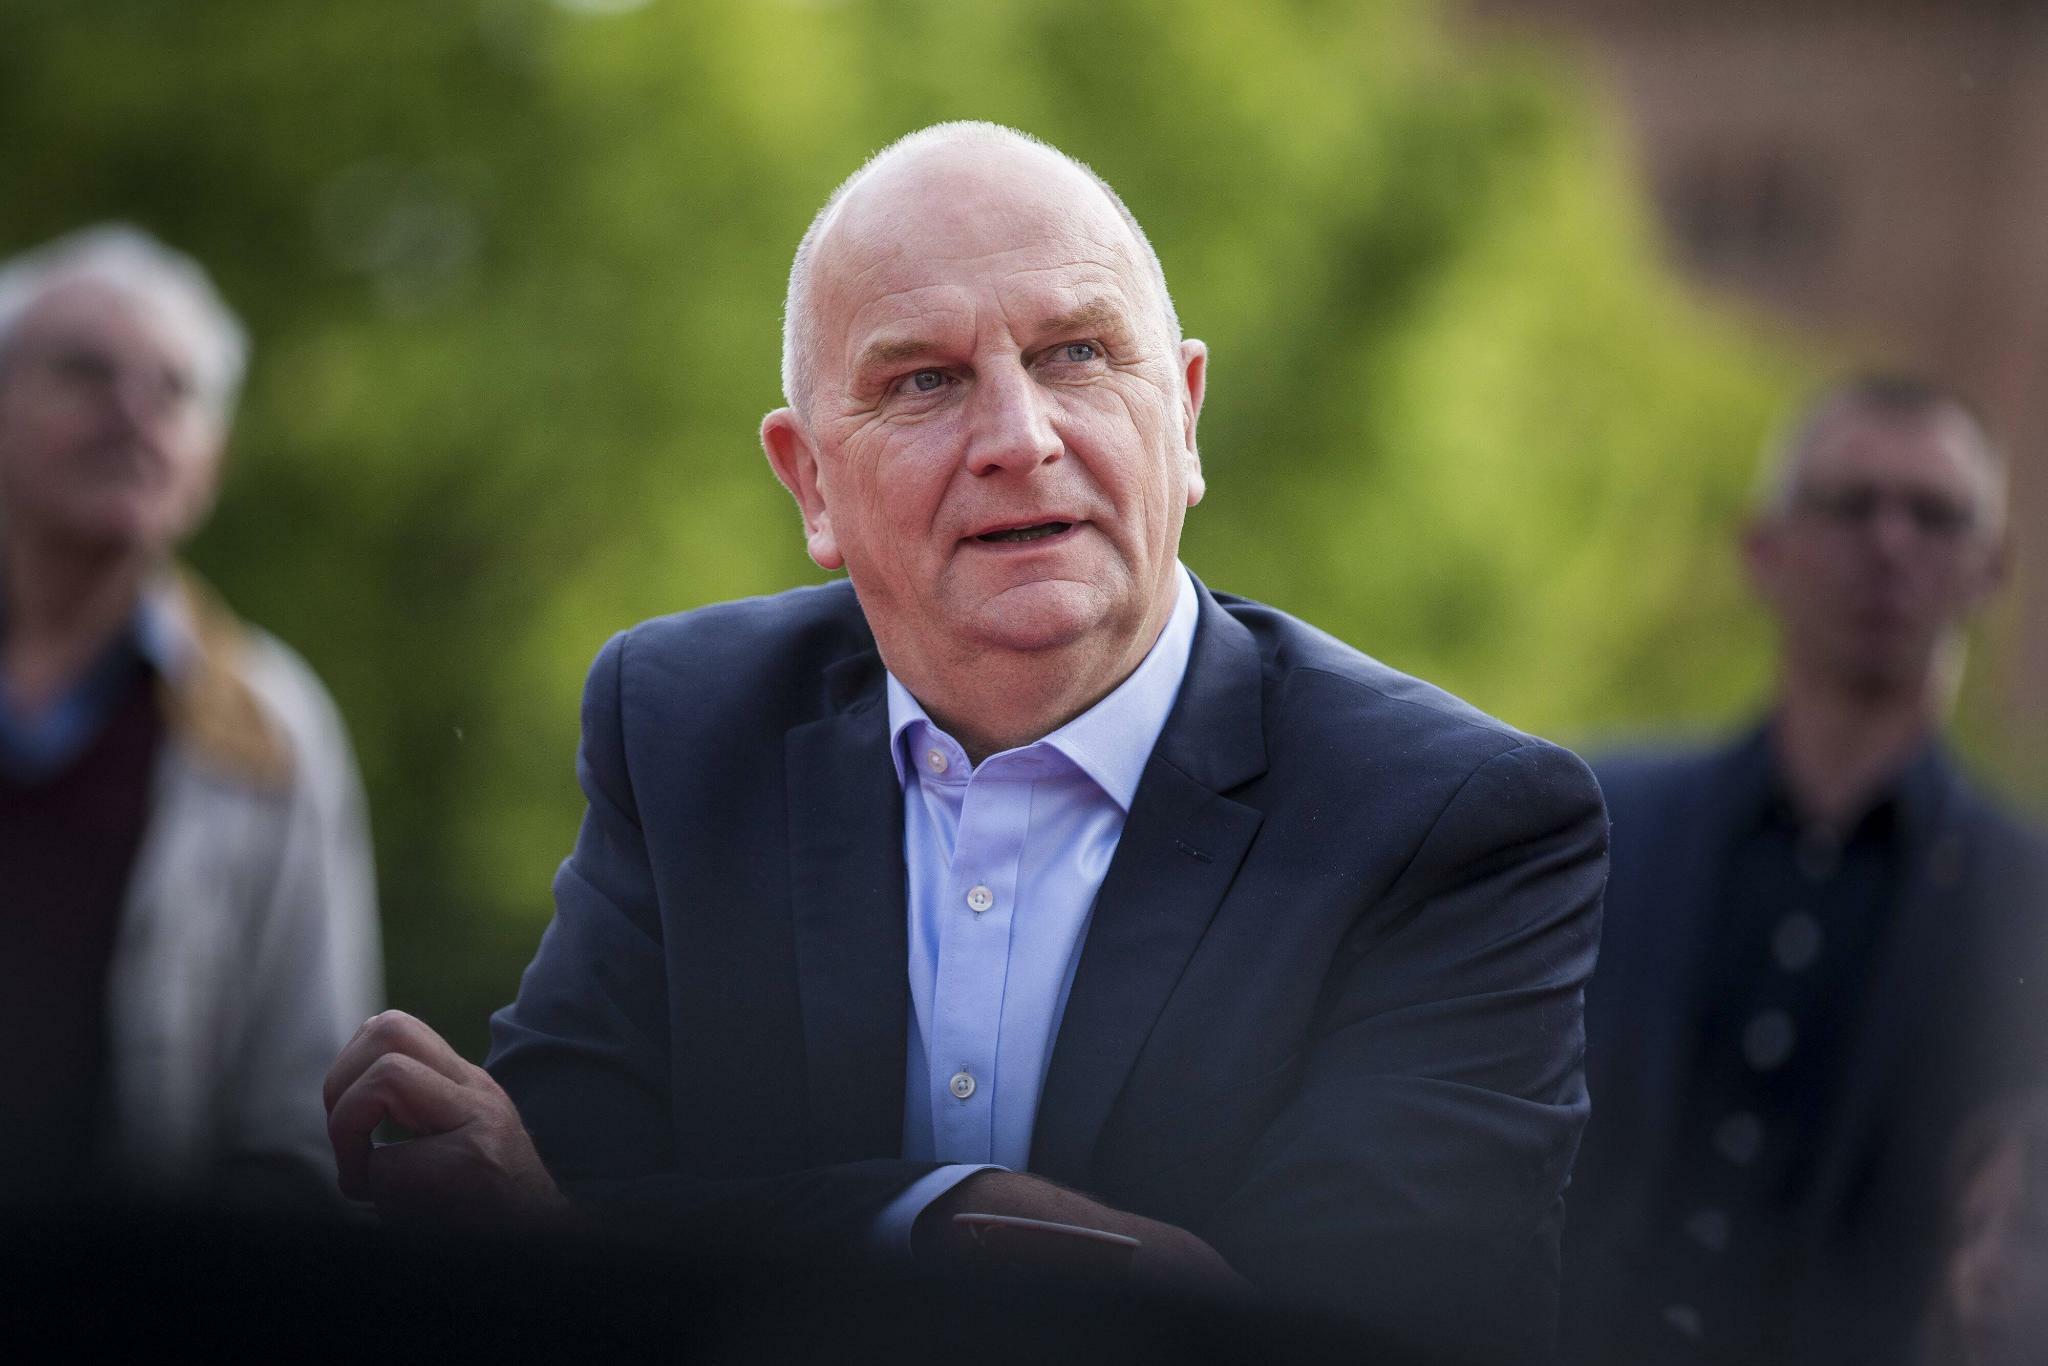 """SPD-Ministerpräsident Woidke: """"Die SPD steht für den Zusammenhalt in der Gesellschaft"""""""